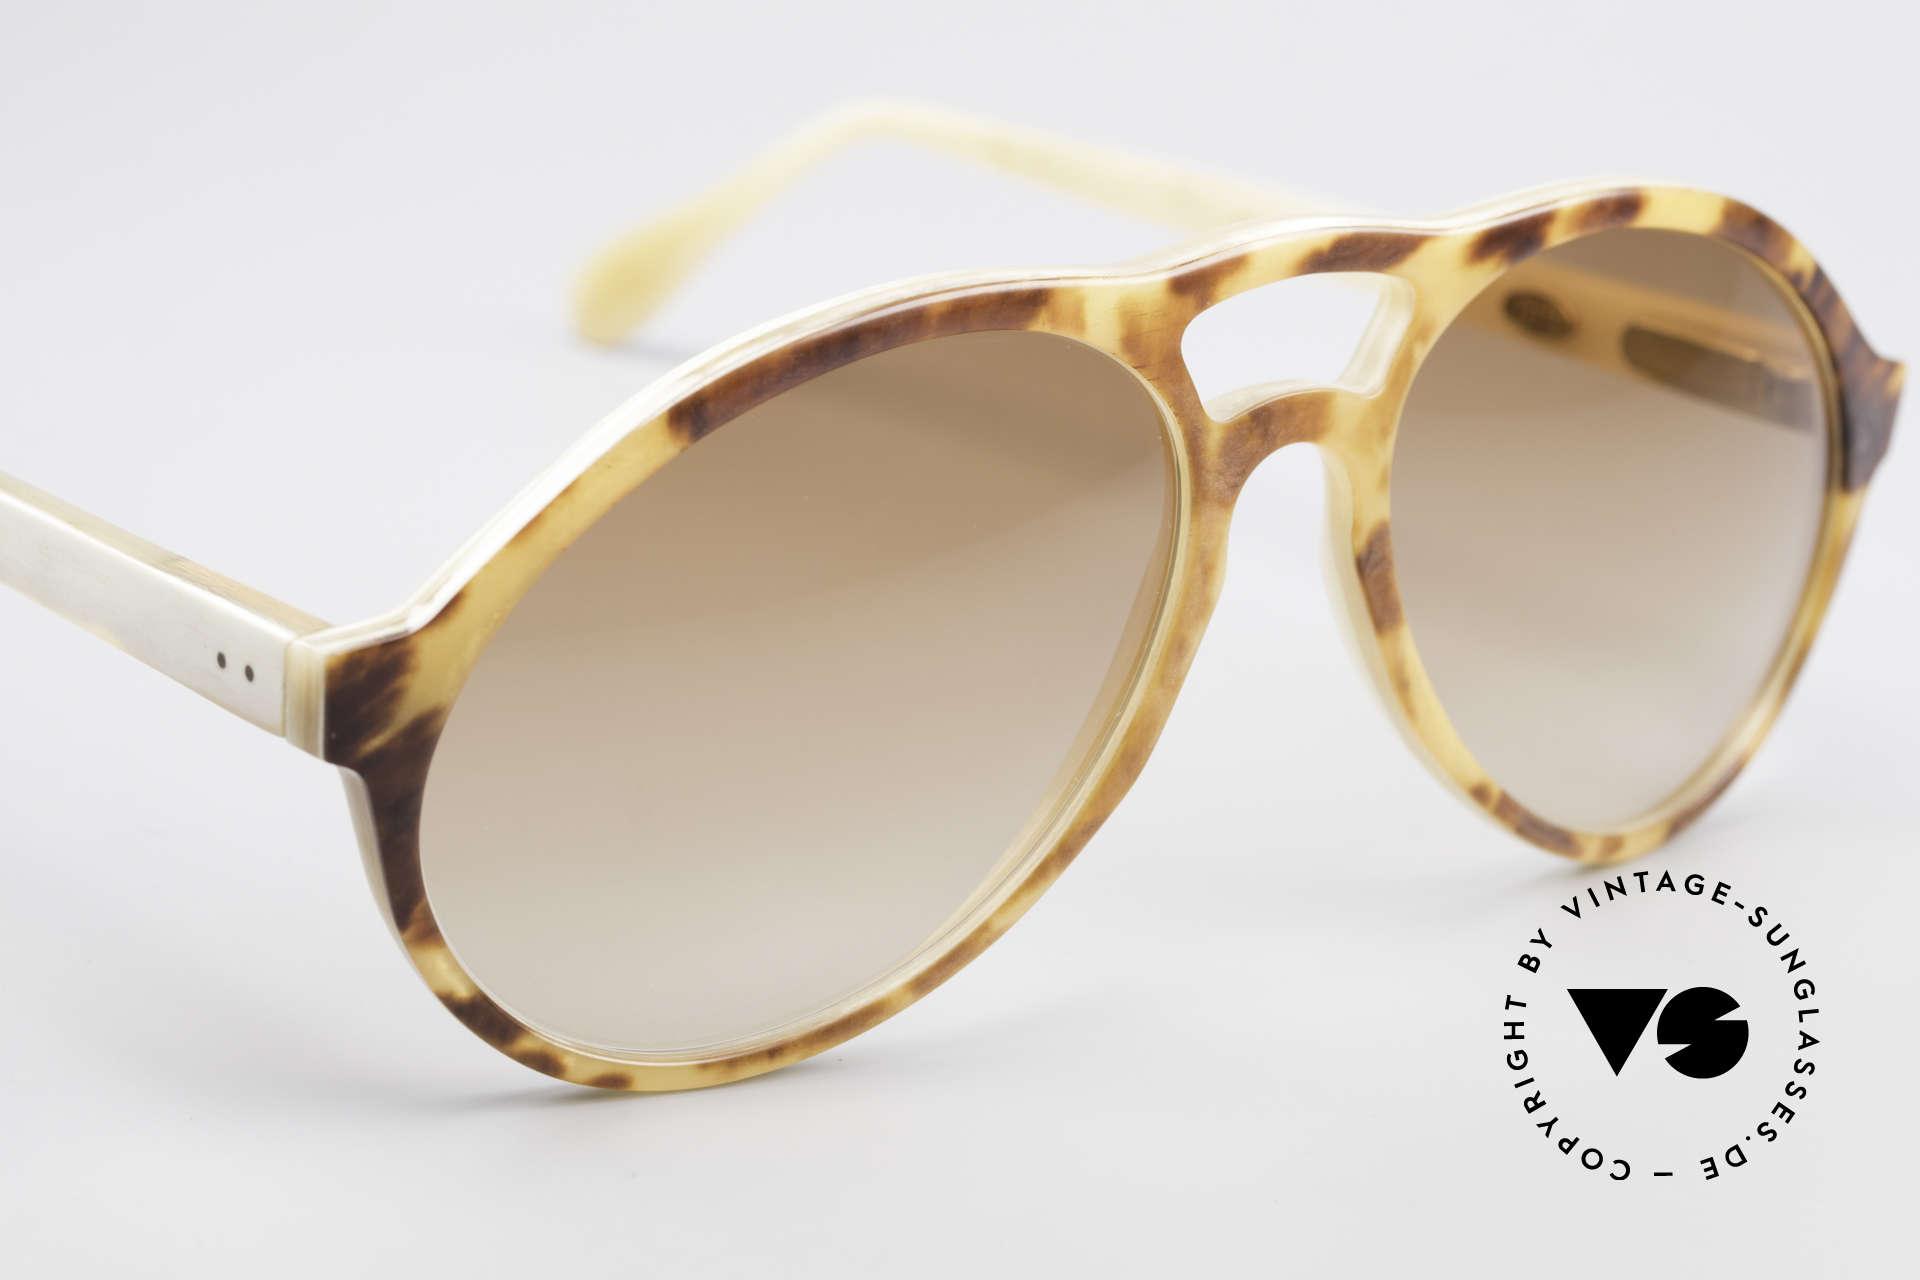 Bugatti 55003 Echt Büffelhorn Sonnenbrille, ein ungetragenes Original der späten 70er / frühen 80er, Passend für Herren